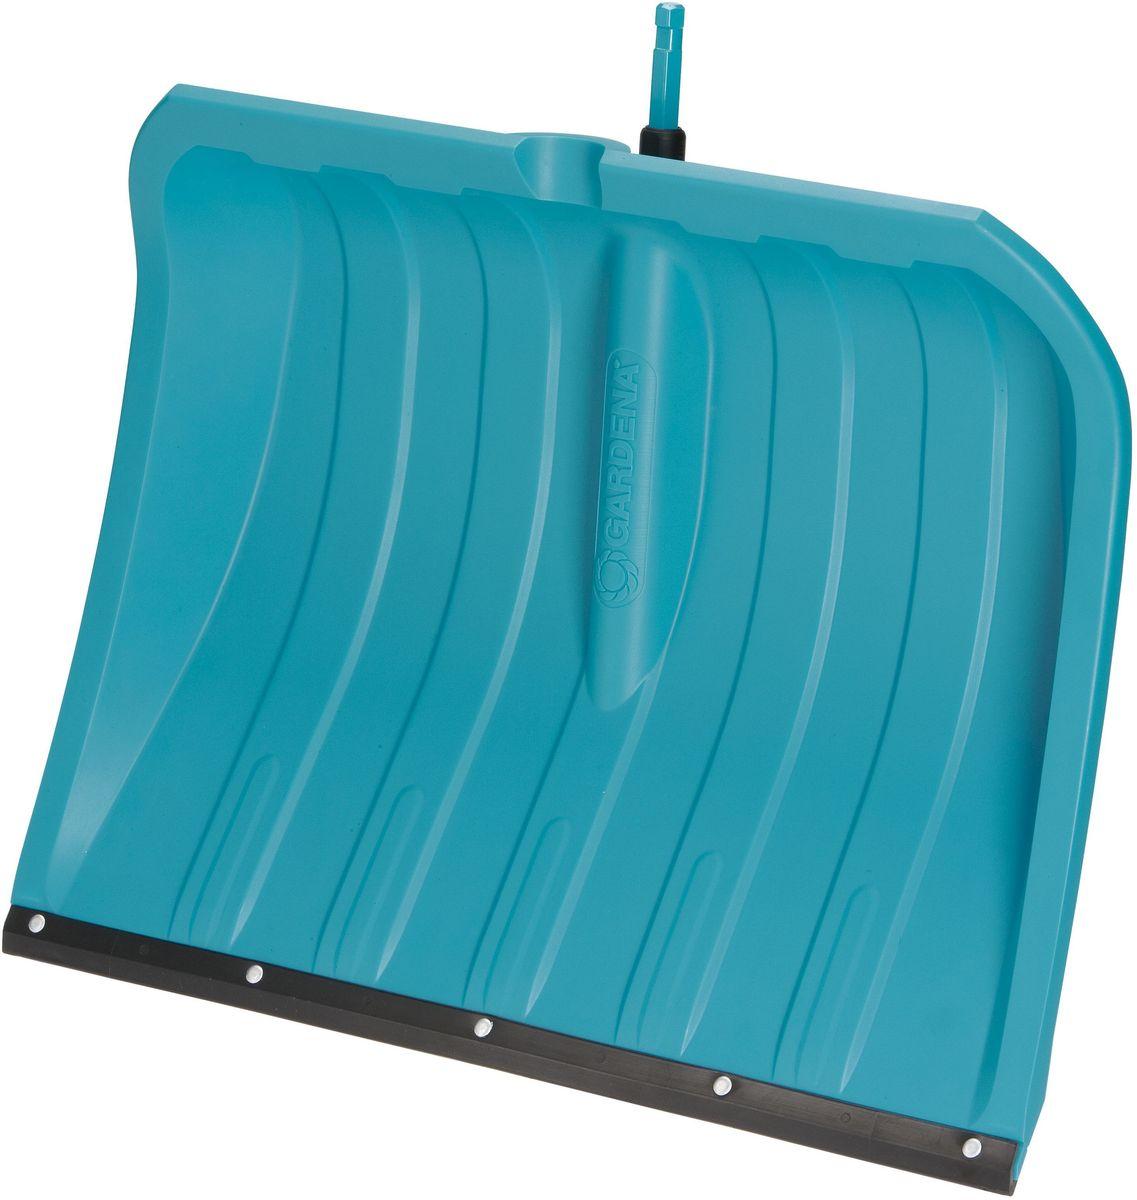 Комплект Gardena: рукоятка деревянная FSC, 150 см (03725-20.000.00), лопата для уборки снега, 50 см, с пластиковой кромкой (03241-20.000.00)07832-20.000.00Уборка снега, высококачественный пластик; устойчивость к морозу до -40 градусов и соли, рабочая ширина 50см, рекомендуемая длина ручки 130см (3723-20). Бесшумная, износостойкая пластиковая кромка, не повреждающая поверхность. Идеальна для всех типов грунта, особенно хорошо подходит для неровных поверхностей, таких как натуральный камень, тротуарная или керамическая плитка.